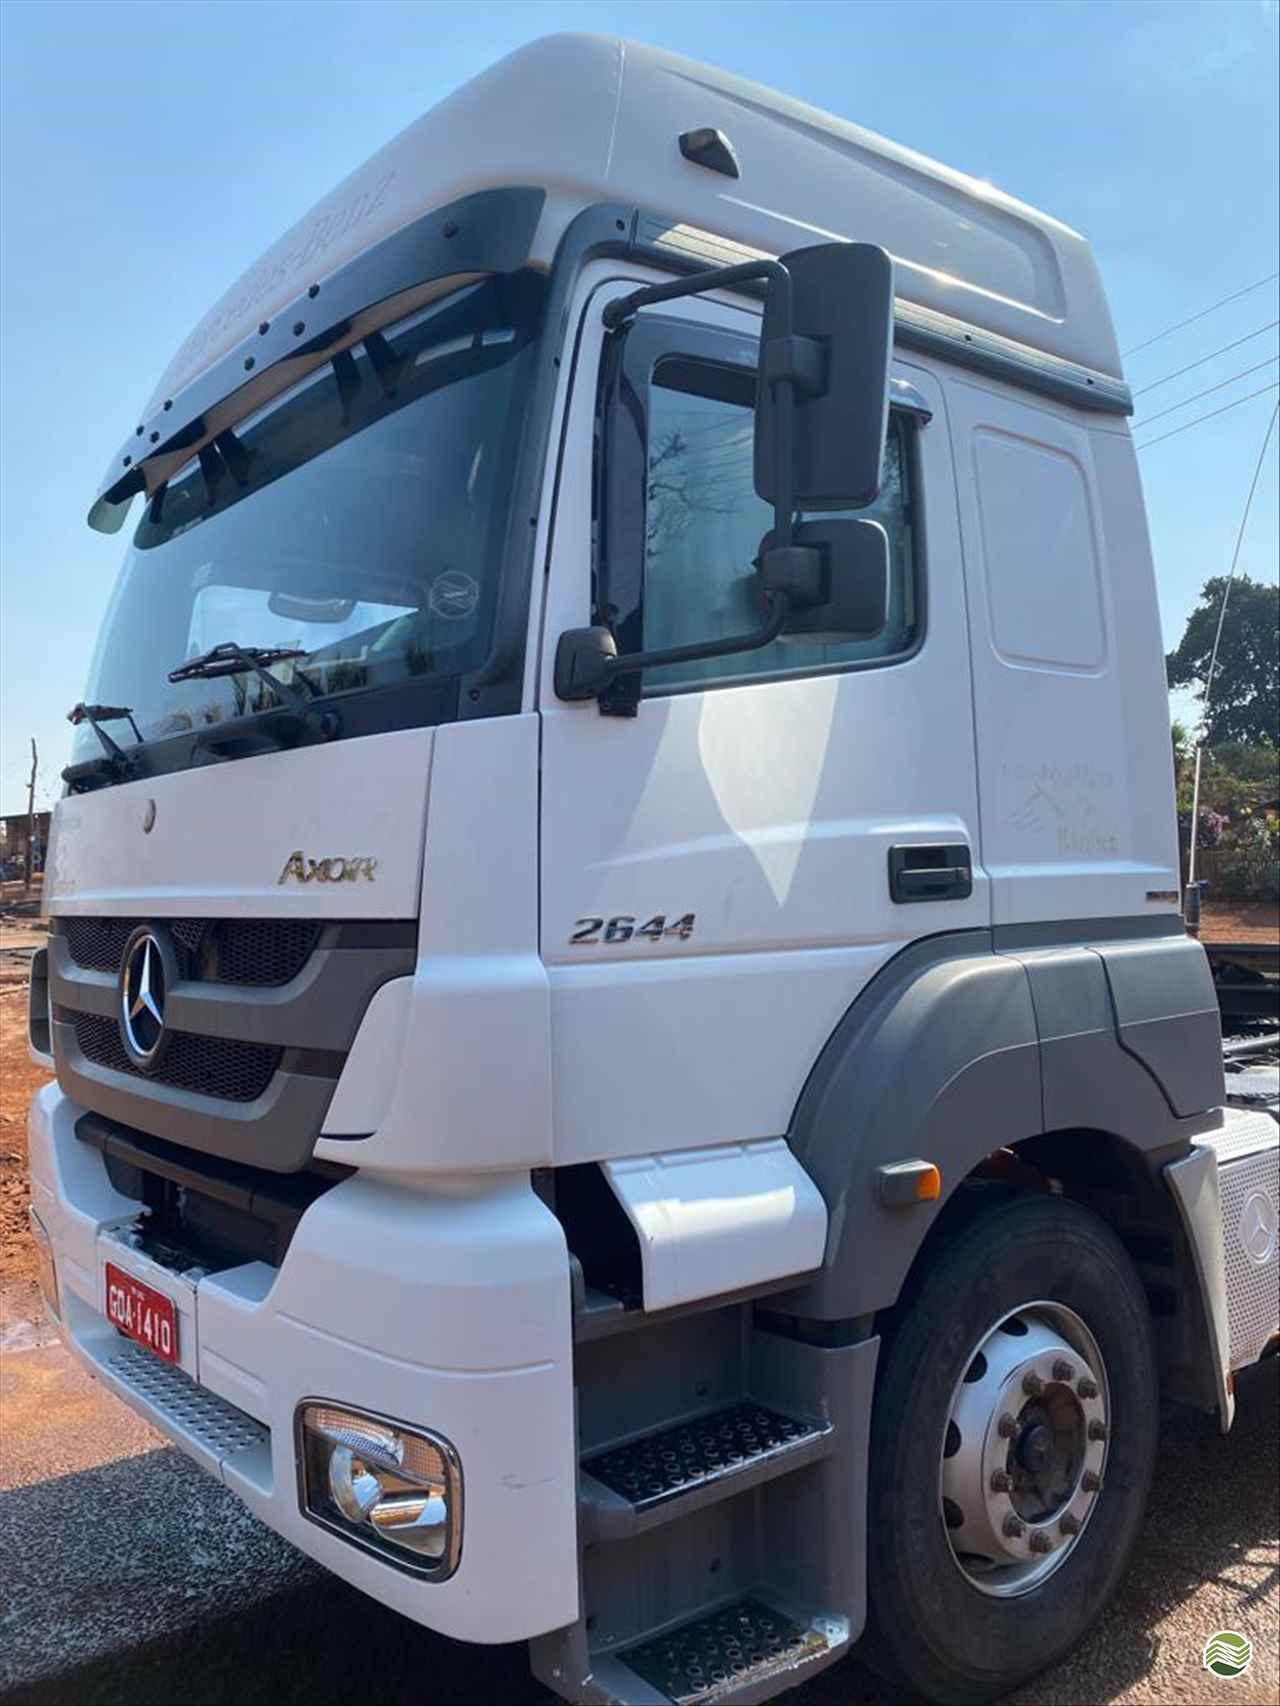 CAMINHAO MERCEDES-BENZ MB 2644 Cavalo Mecânico Traçado 6x4 MZ Implementos e Peças JAU SÃO PAULO SP